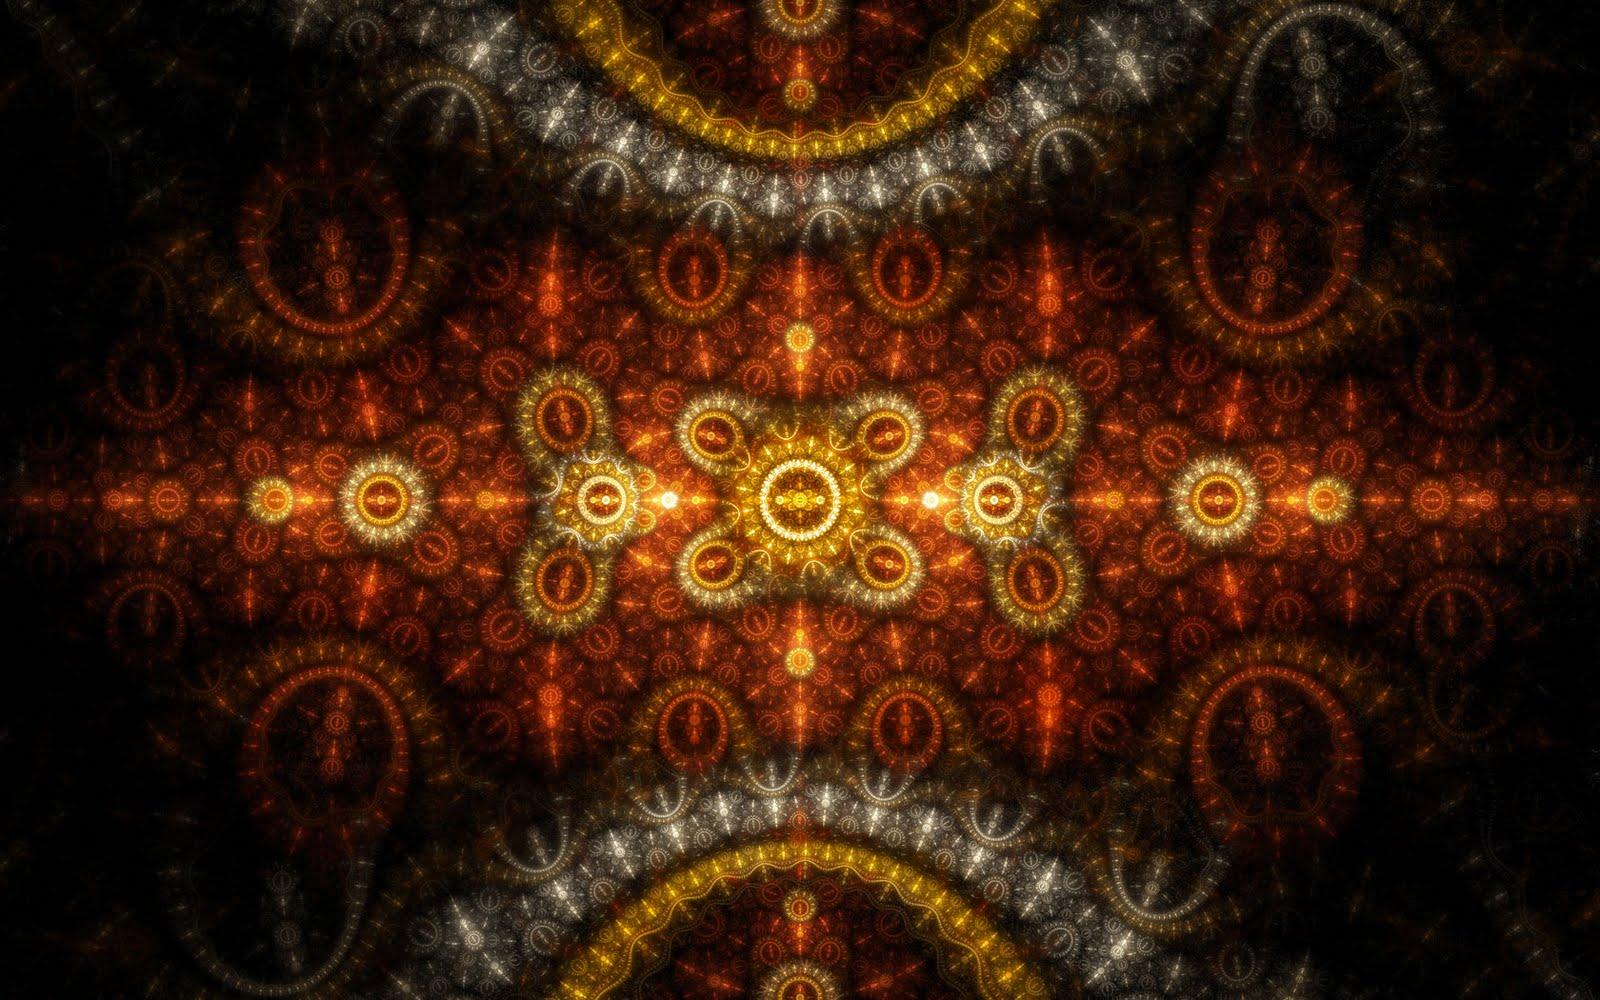 Hd Fractals Wallpapers 1080p